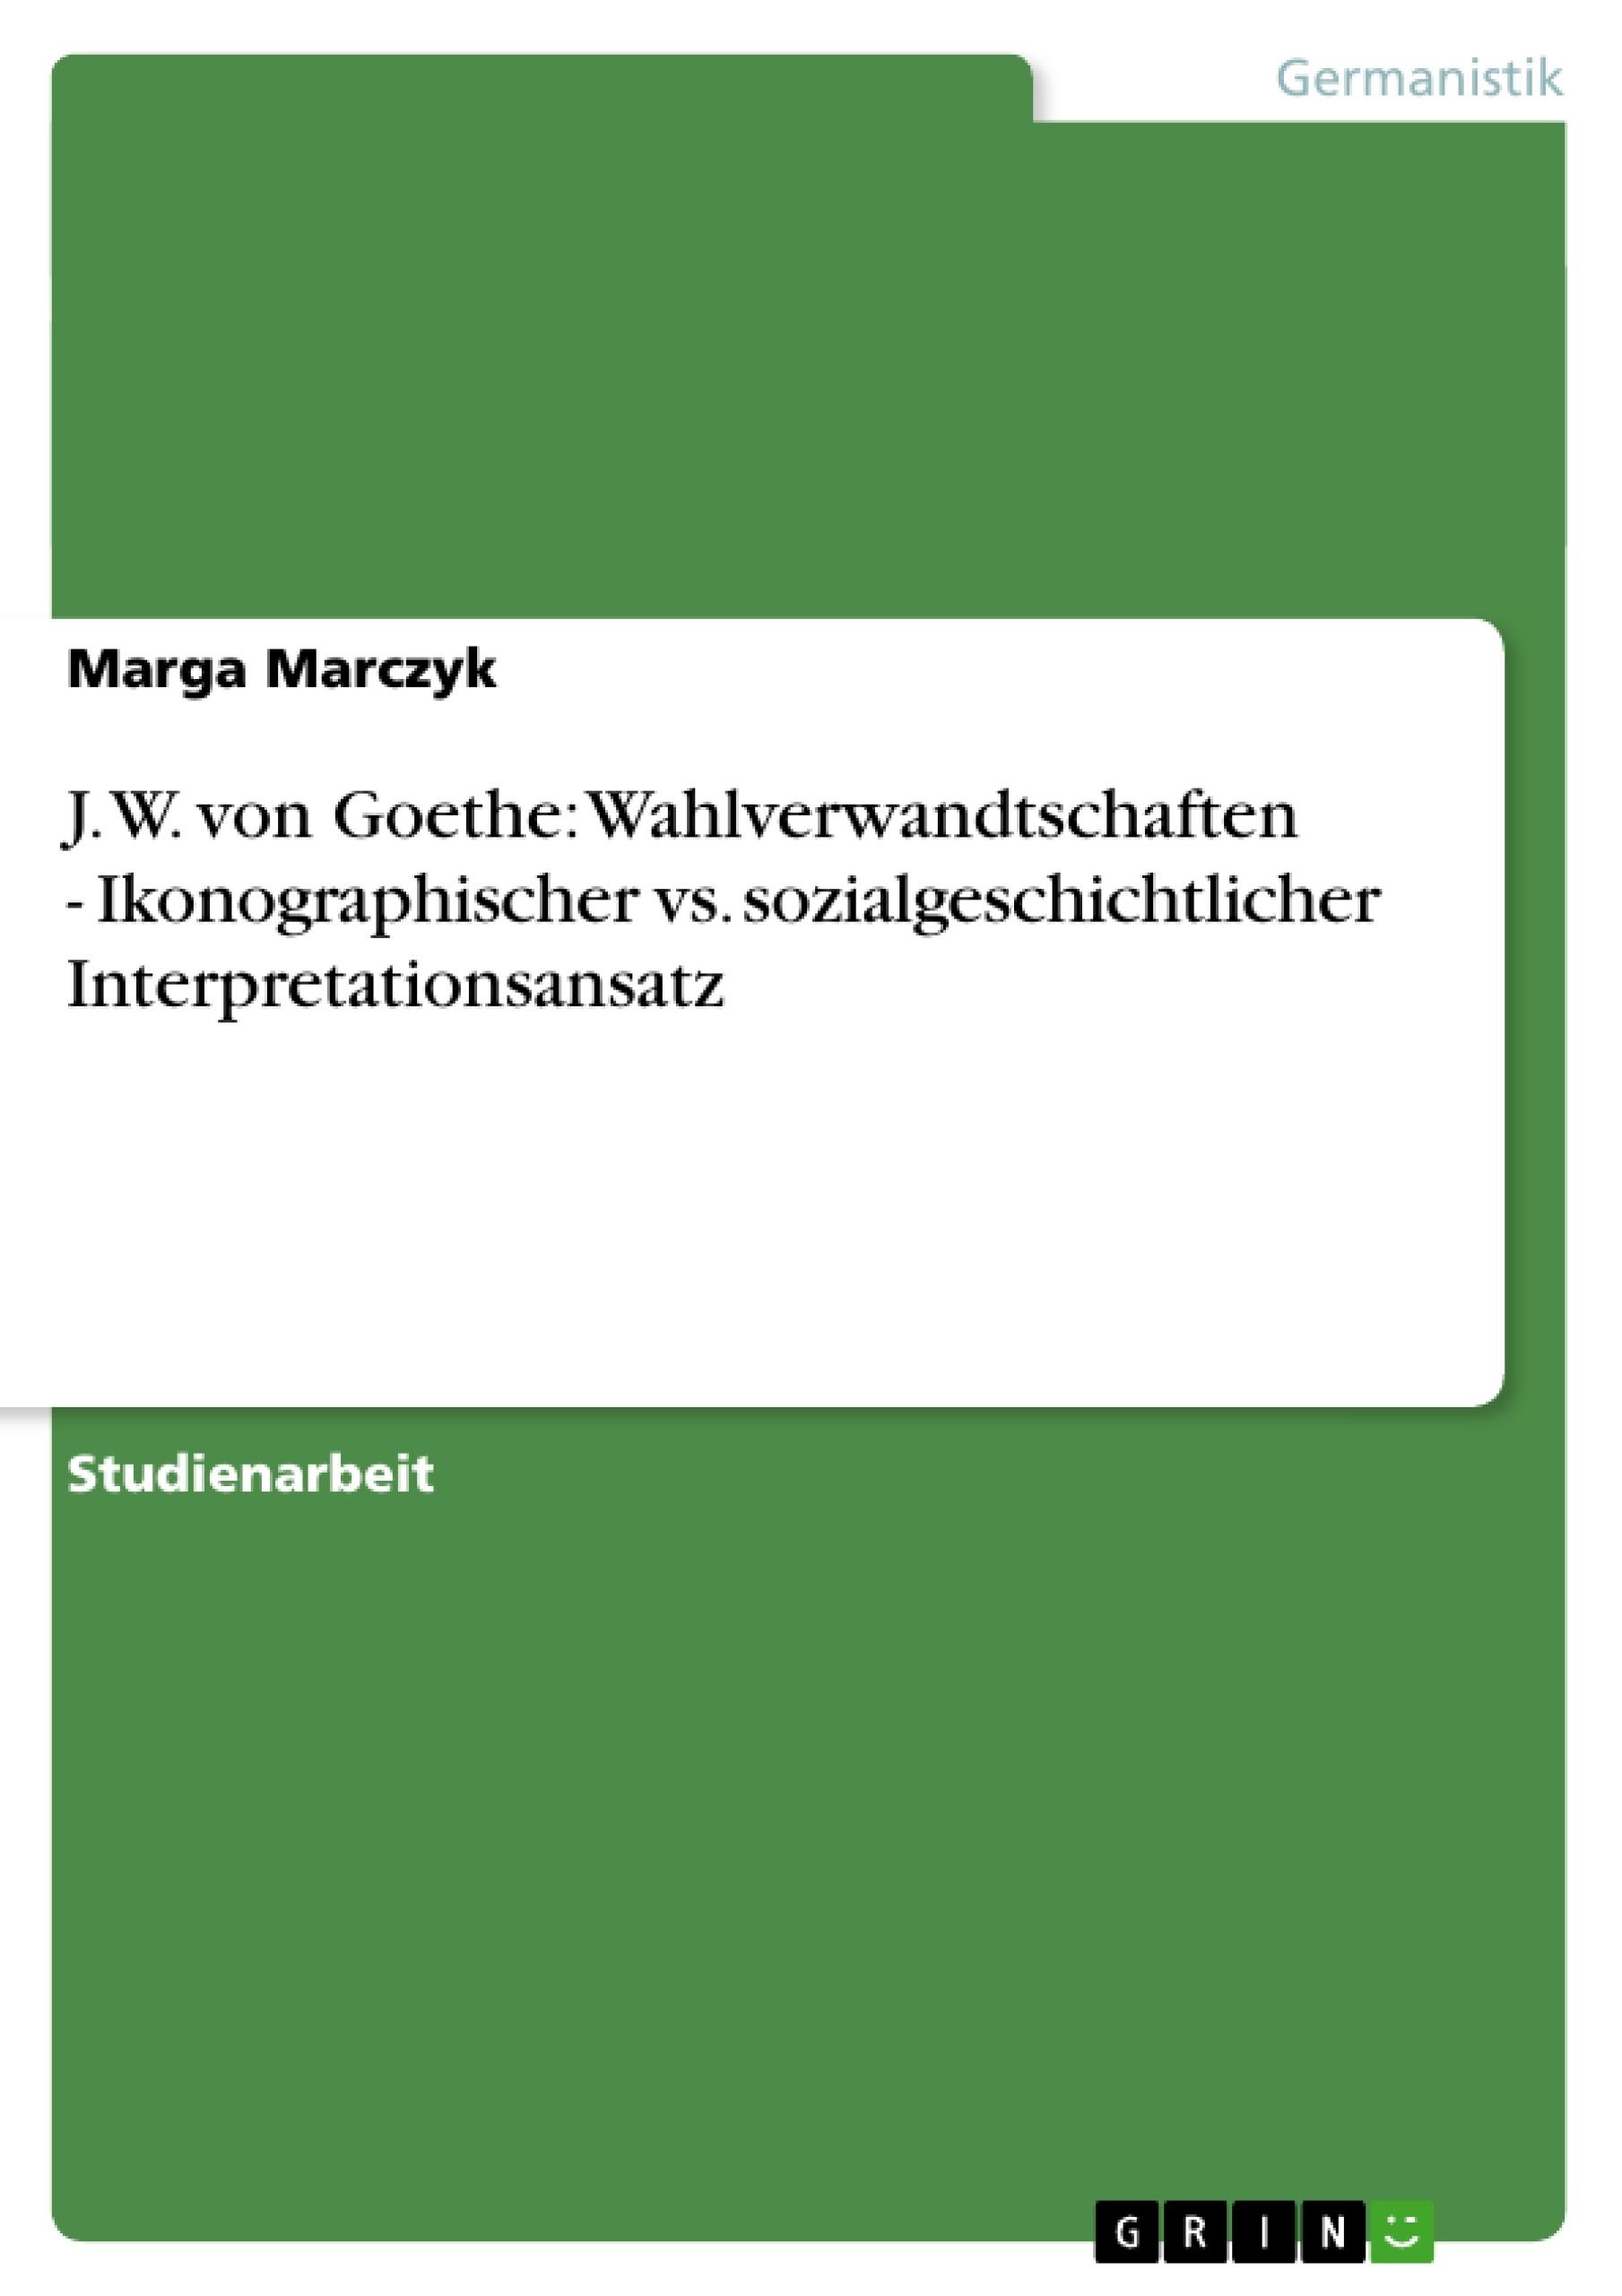 Titel: J. W. von Goethe: Wahlverwandtschaften - Ikonographischer vs. sozialgeschichtlicher Interpretationsansatz